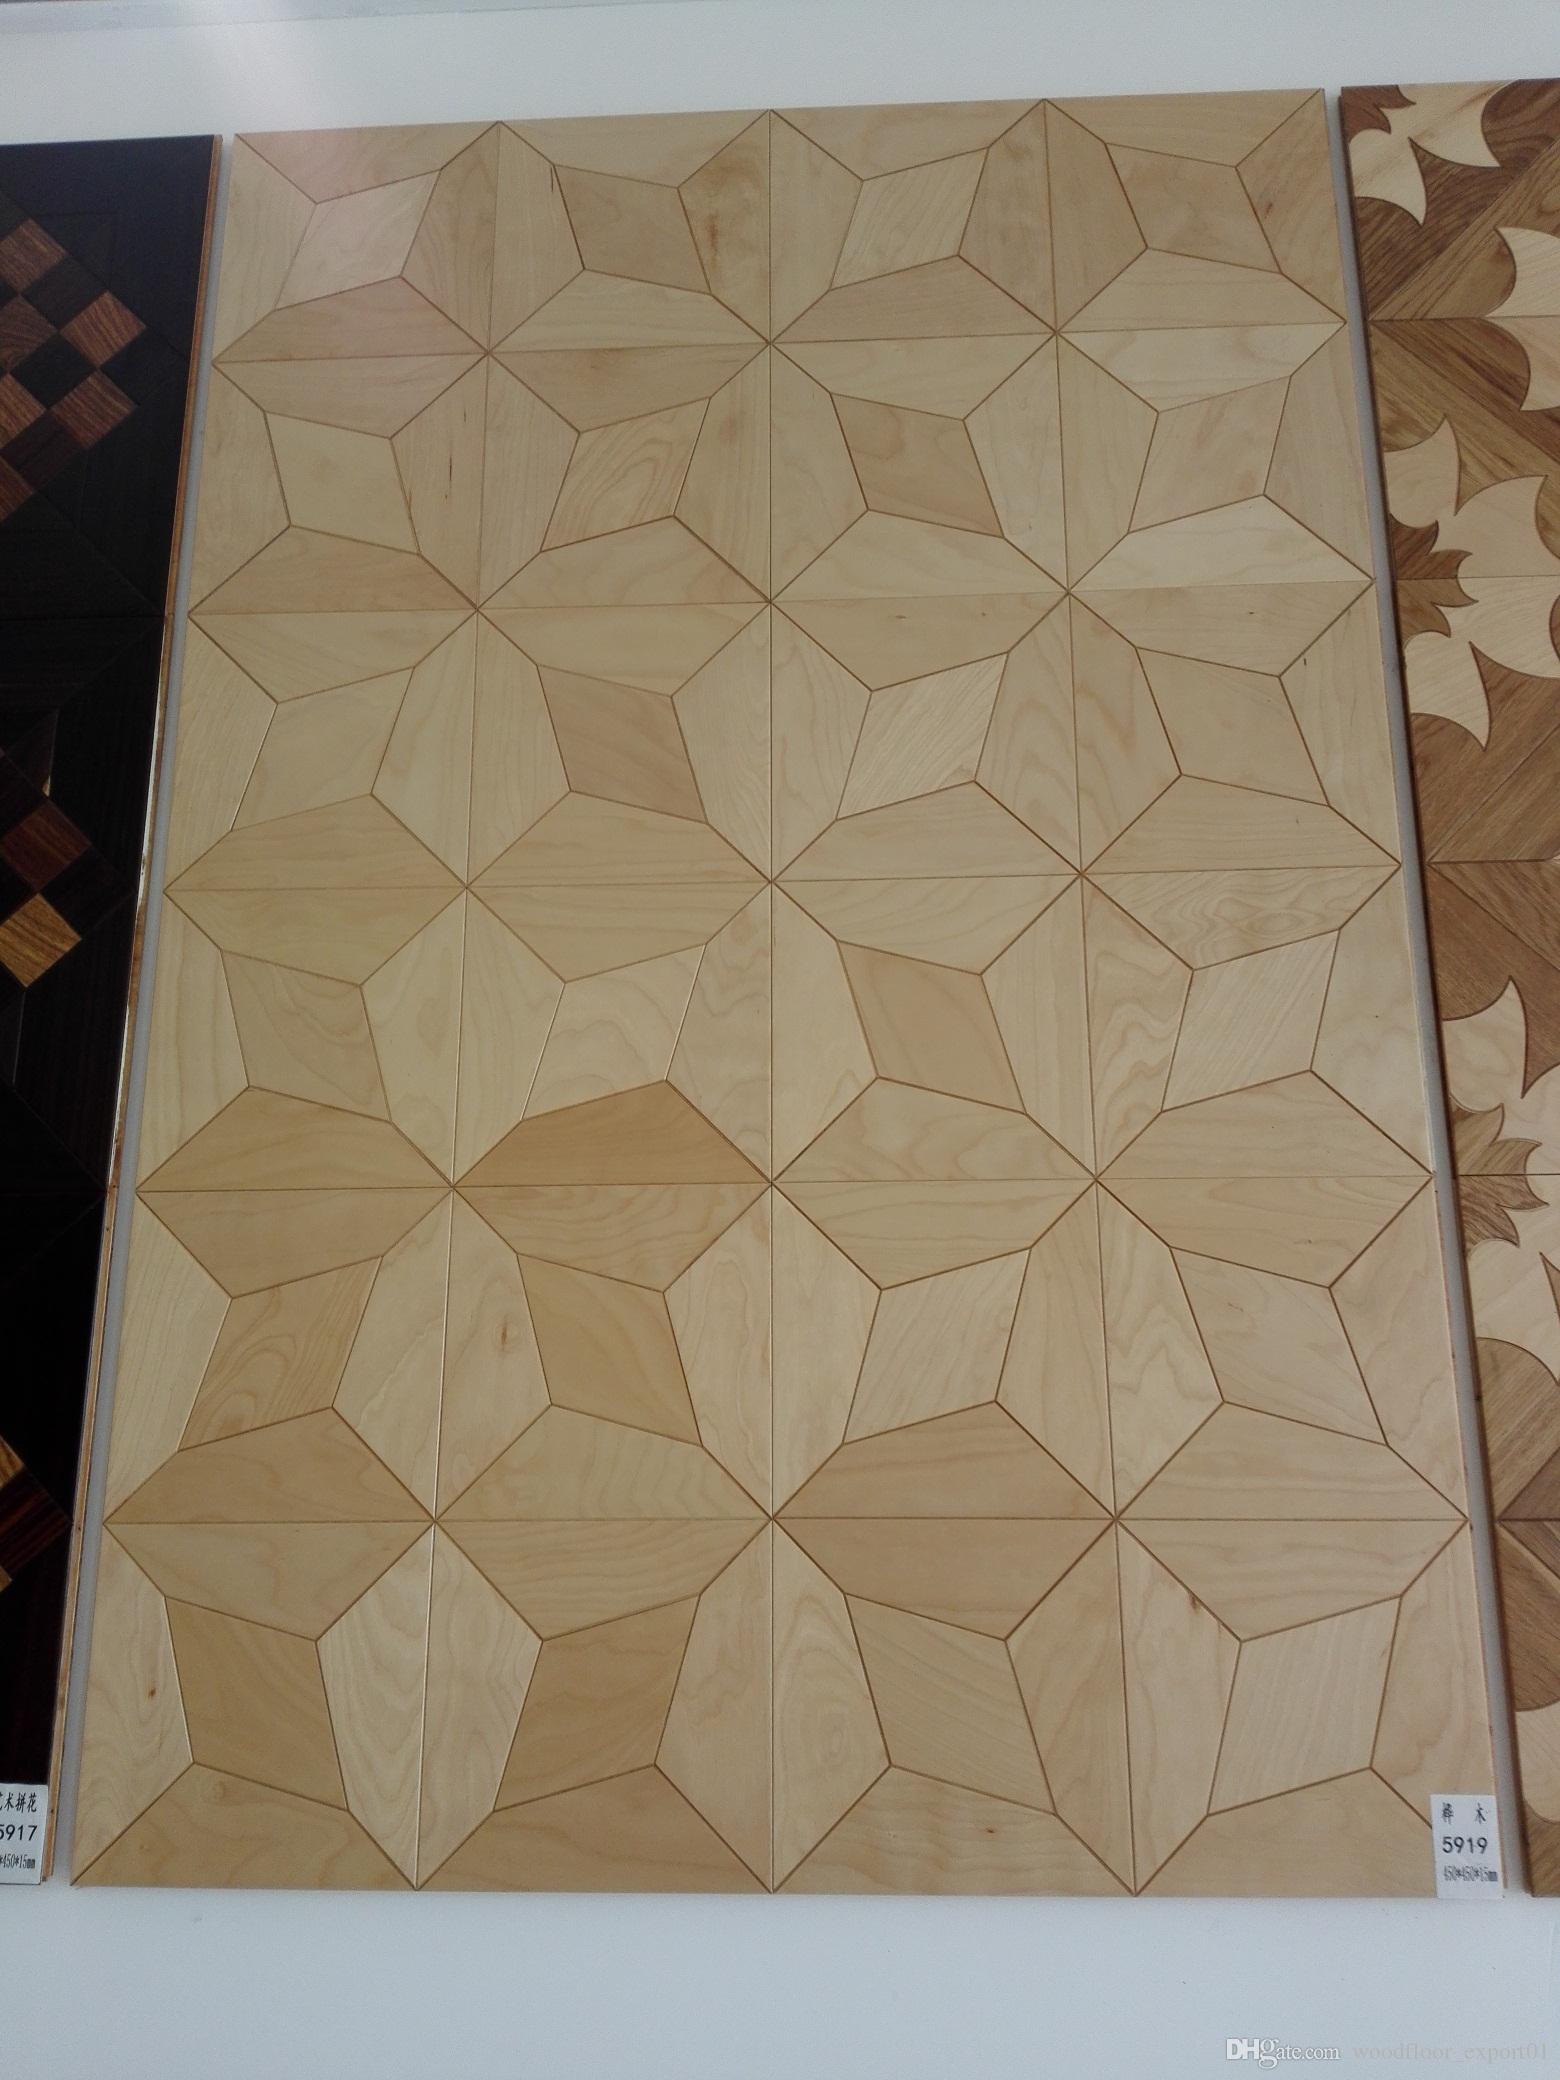 bois bouleau art sticker mural papier peint décor de plancher de bois franc home_decoration maison tenir art fournitures salon bois